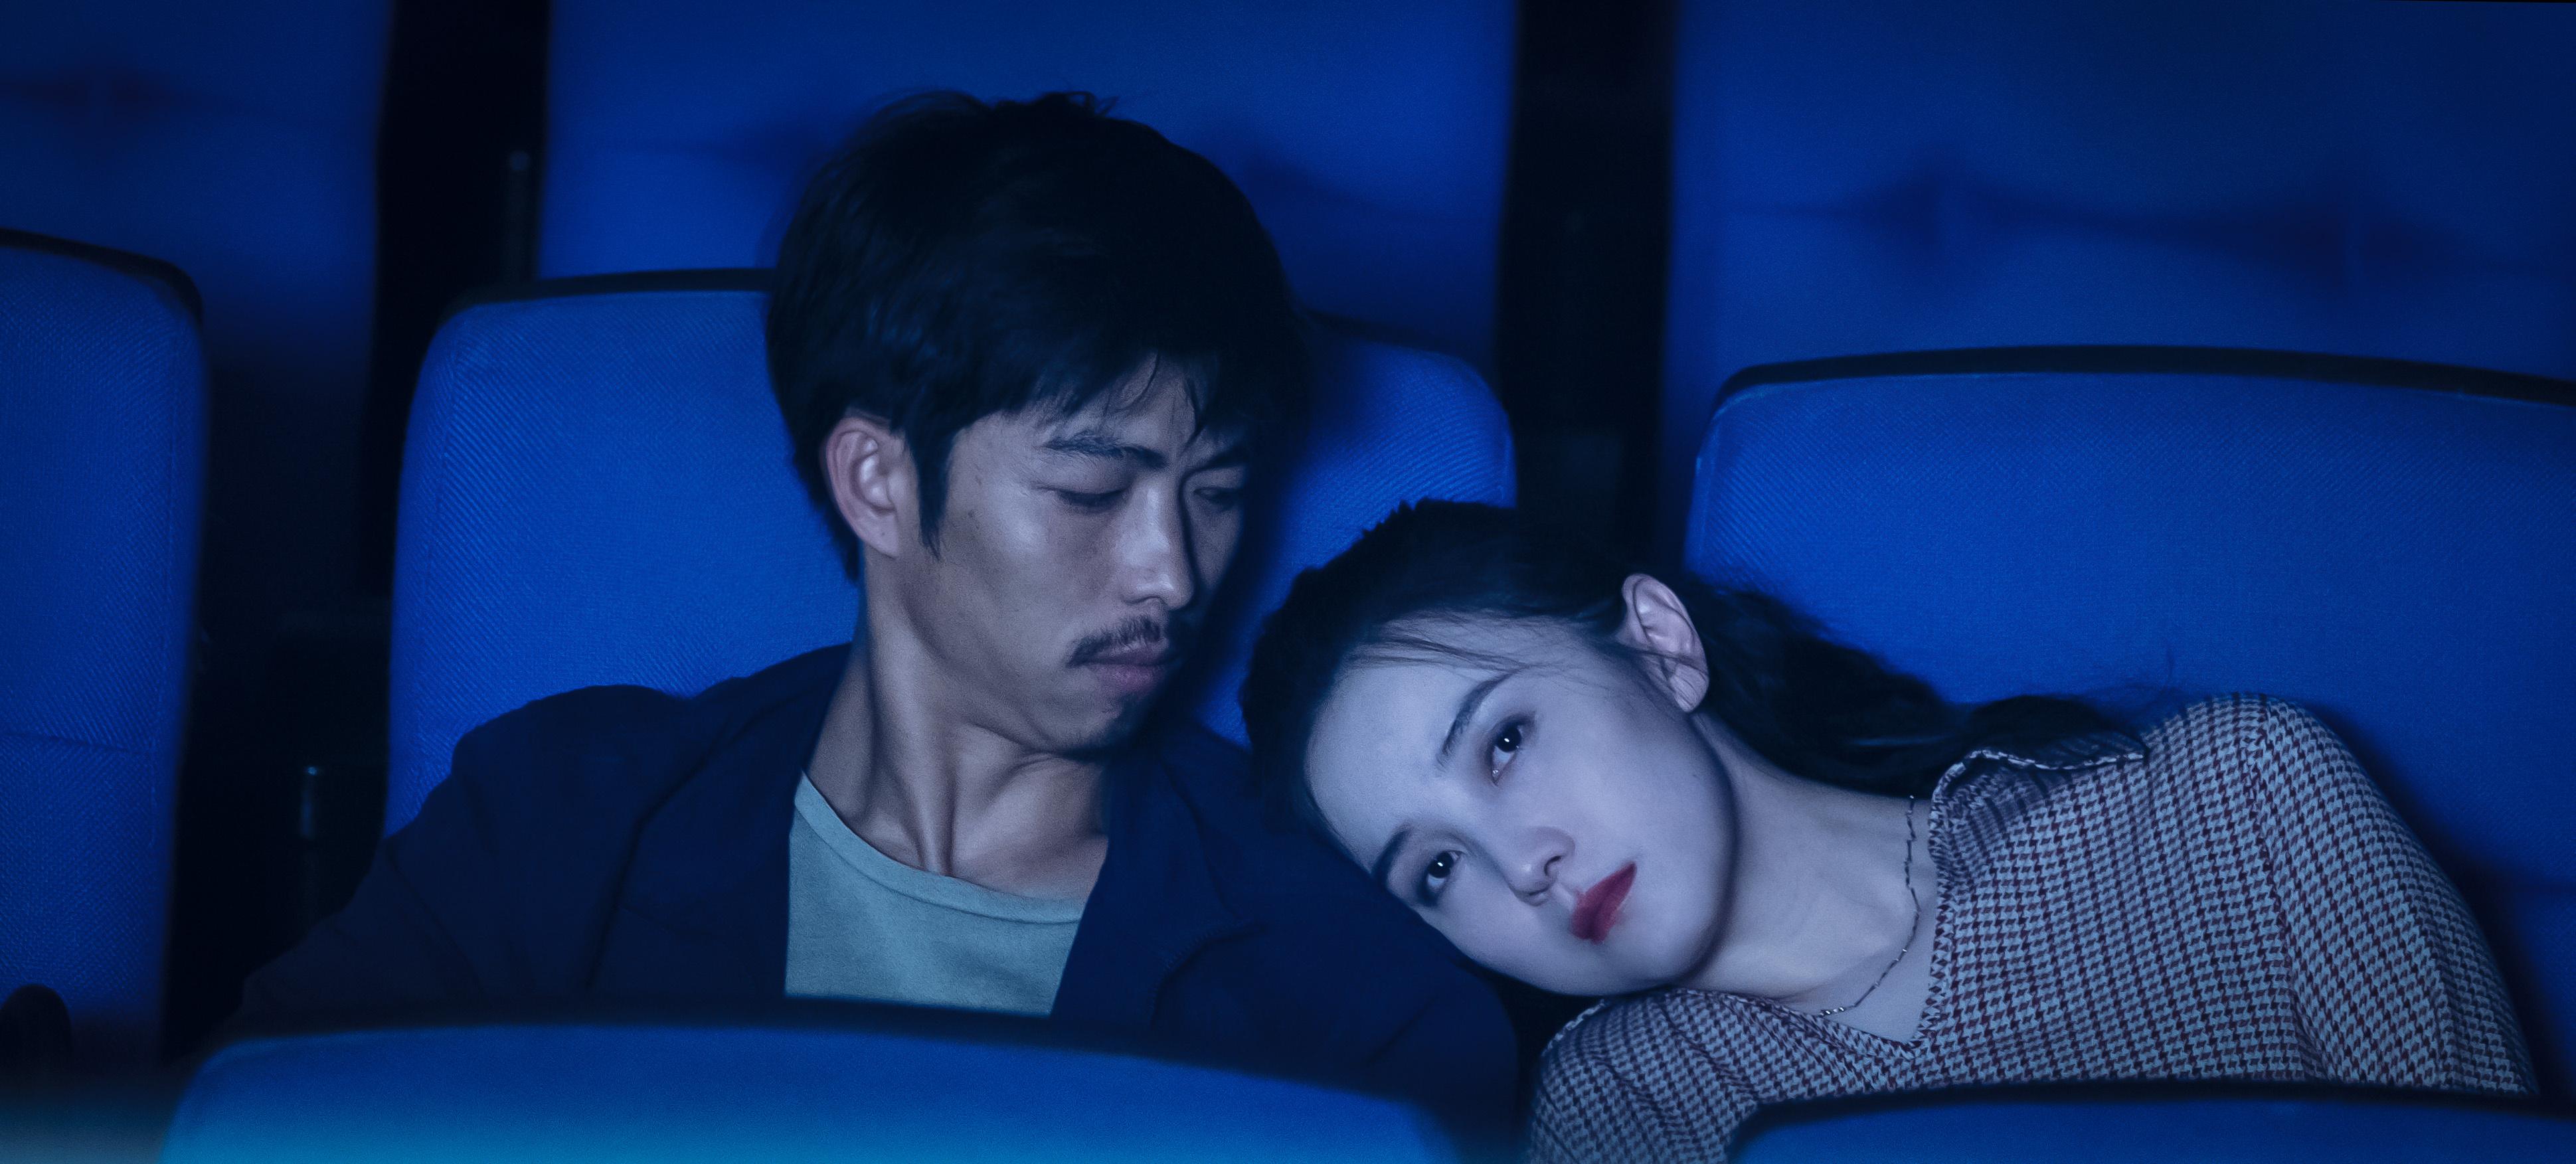 张宇和宋佳被吹起来的演技 只存在于文艺片里?